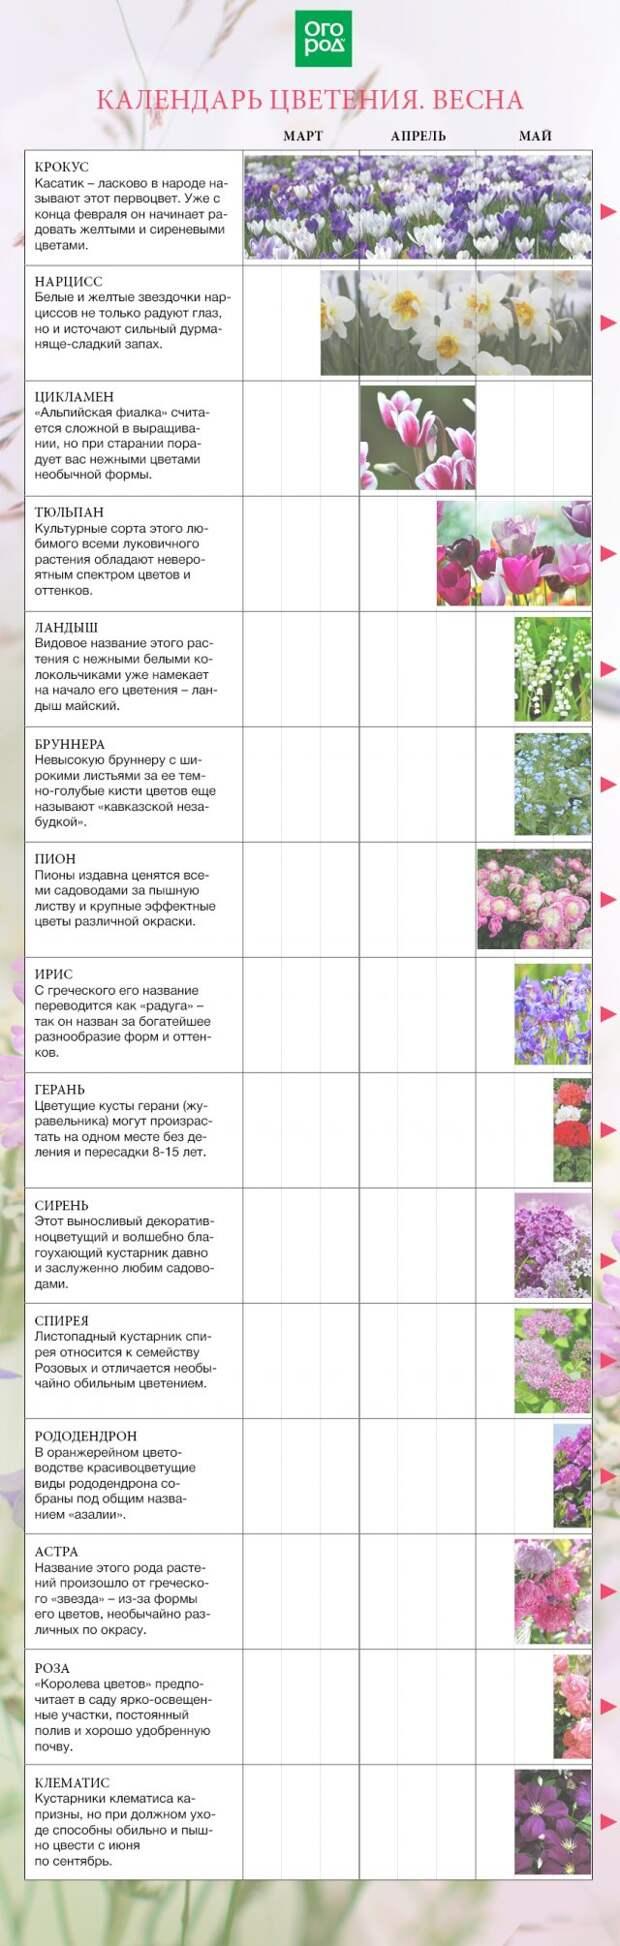 цветочный календарь на весну